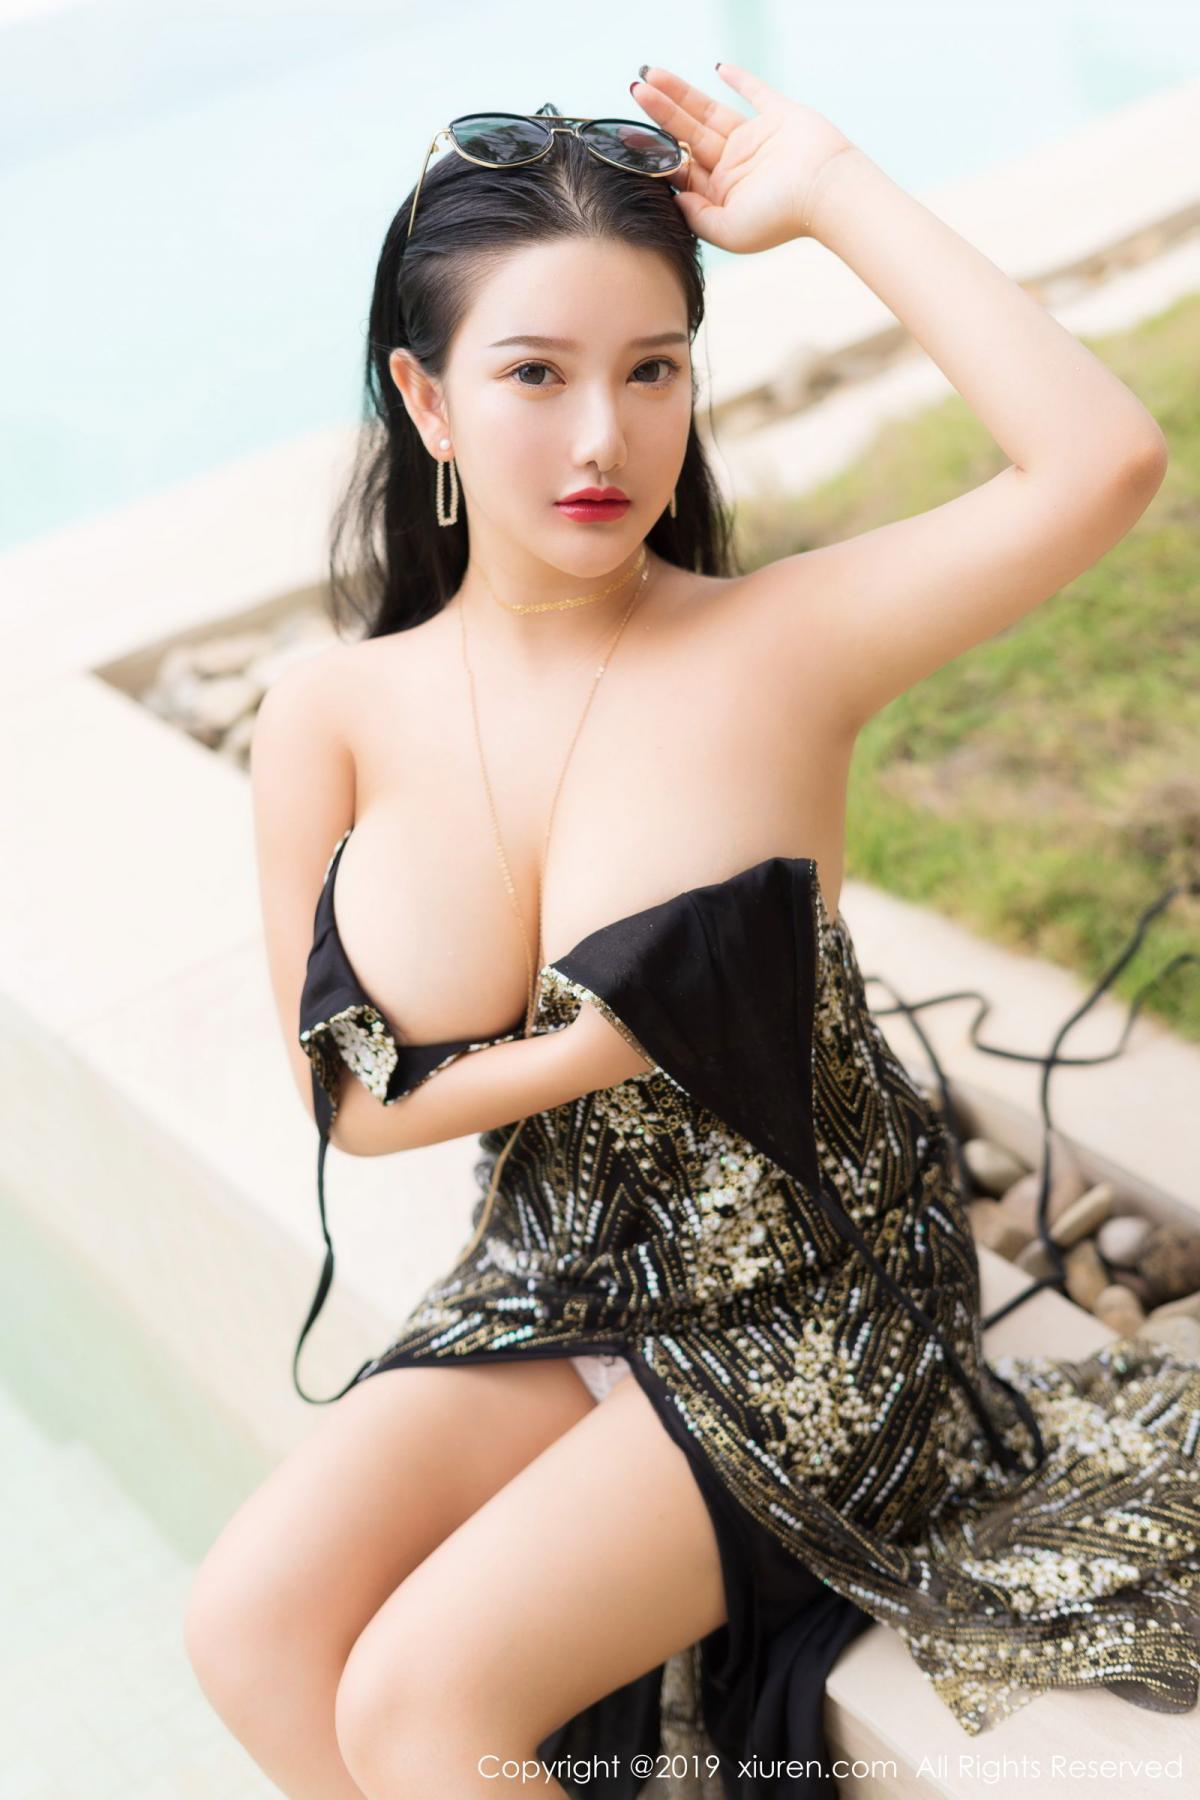 [XiuRen] Vol.1726 Lu Lu Xiao Miao 23P, Lu Lu Xiao Miao, Outdoor, Swim Pool, Xiuren